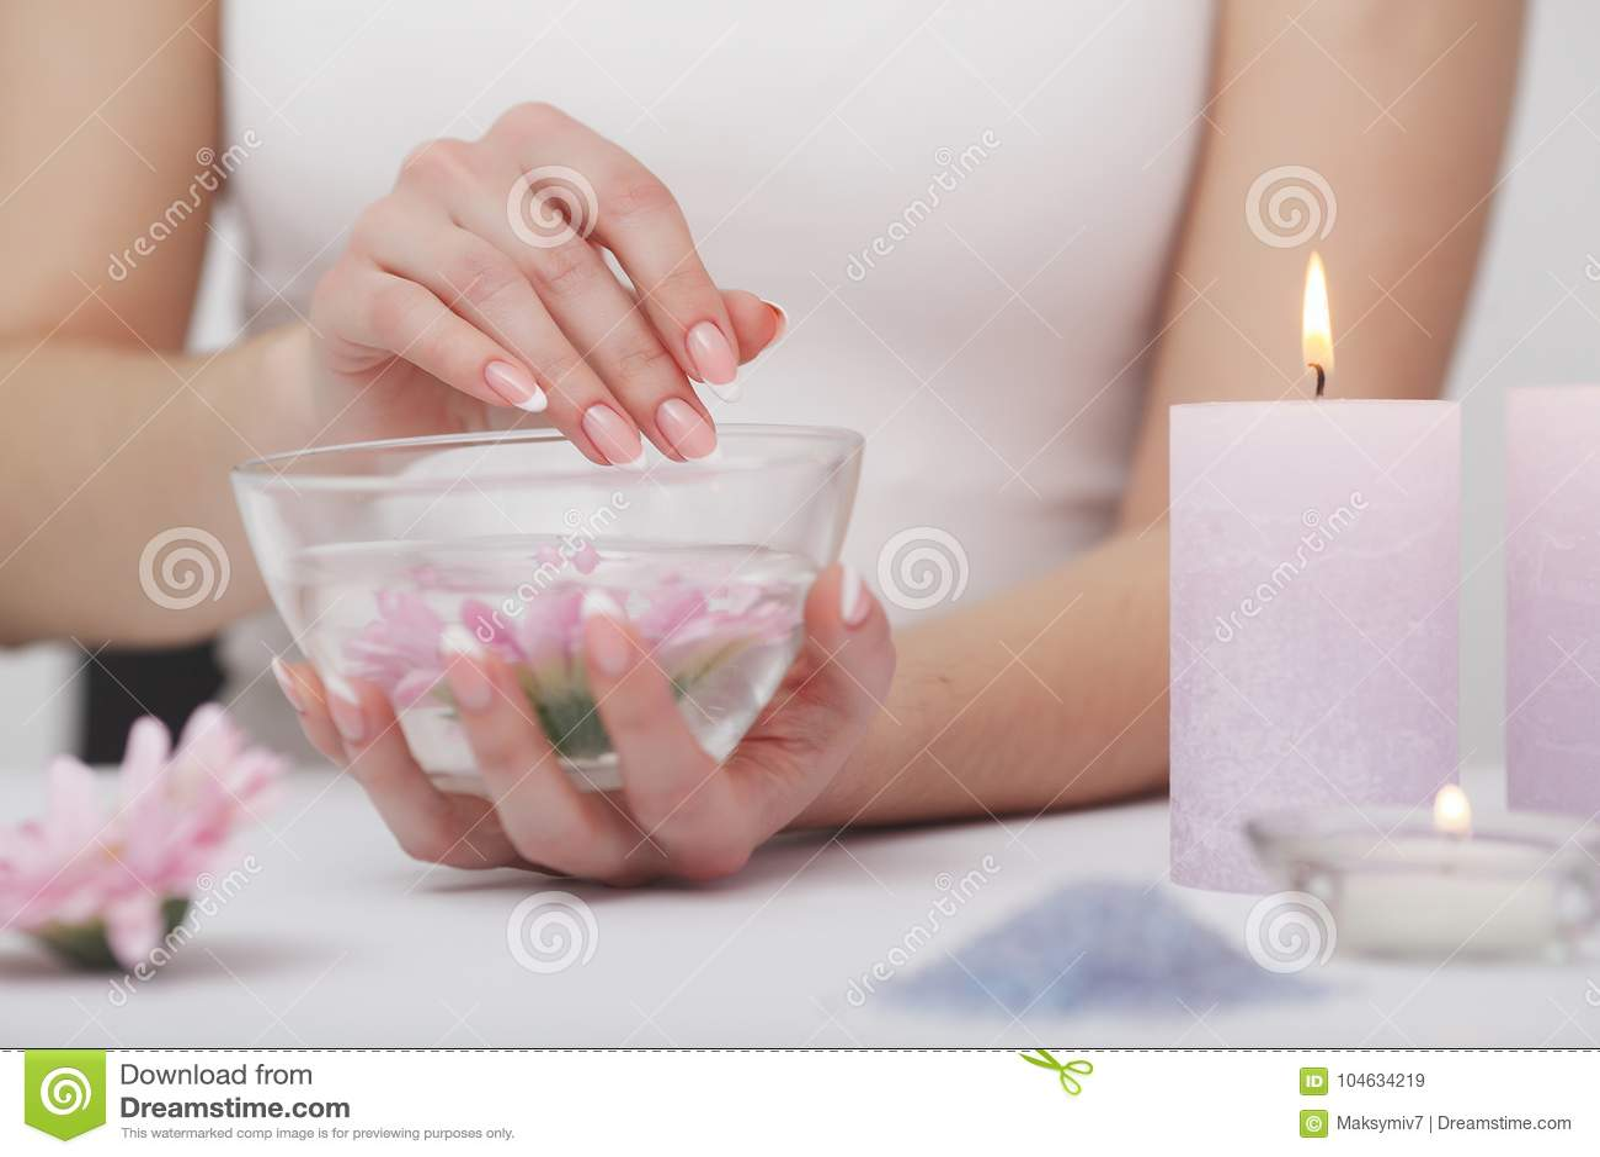 Download Manicure En Hands Spa De Mooie Vrouw Overhandigt Close-up Stock Afbeelding - Afbeelding bestaande uit elegant, geneeskunde: 104634219